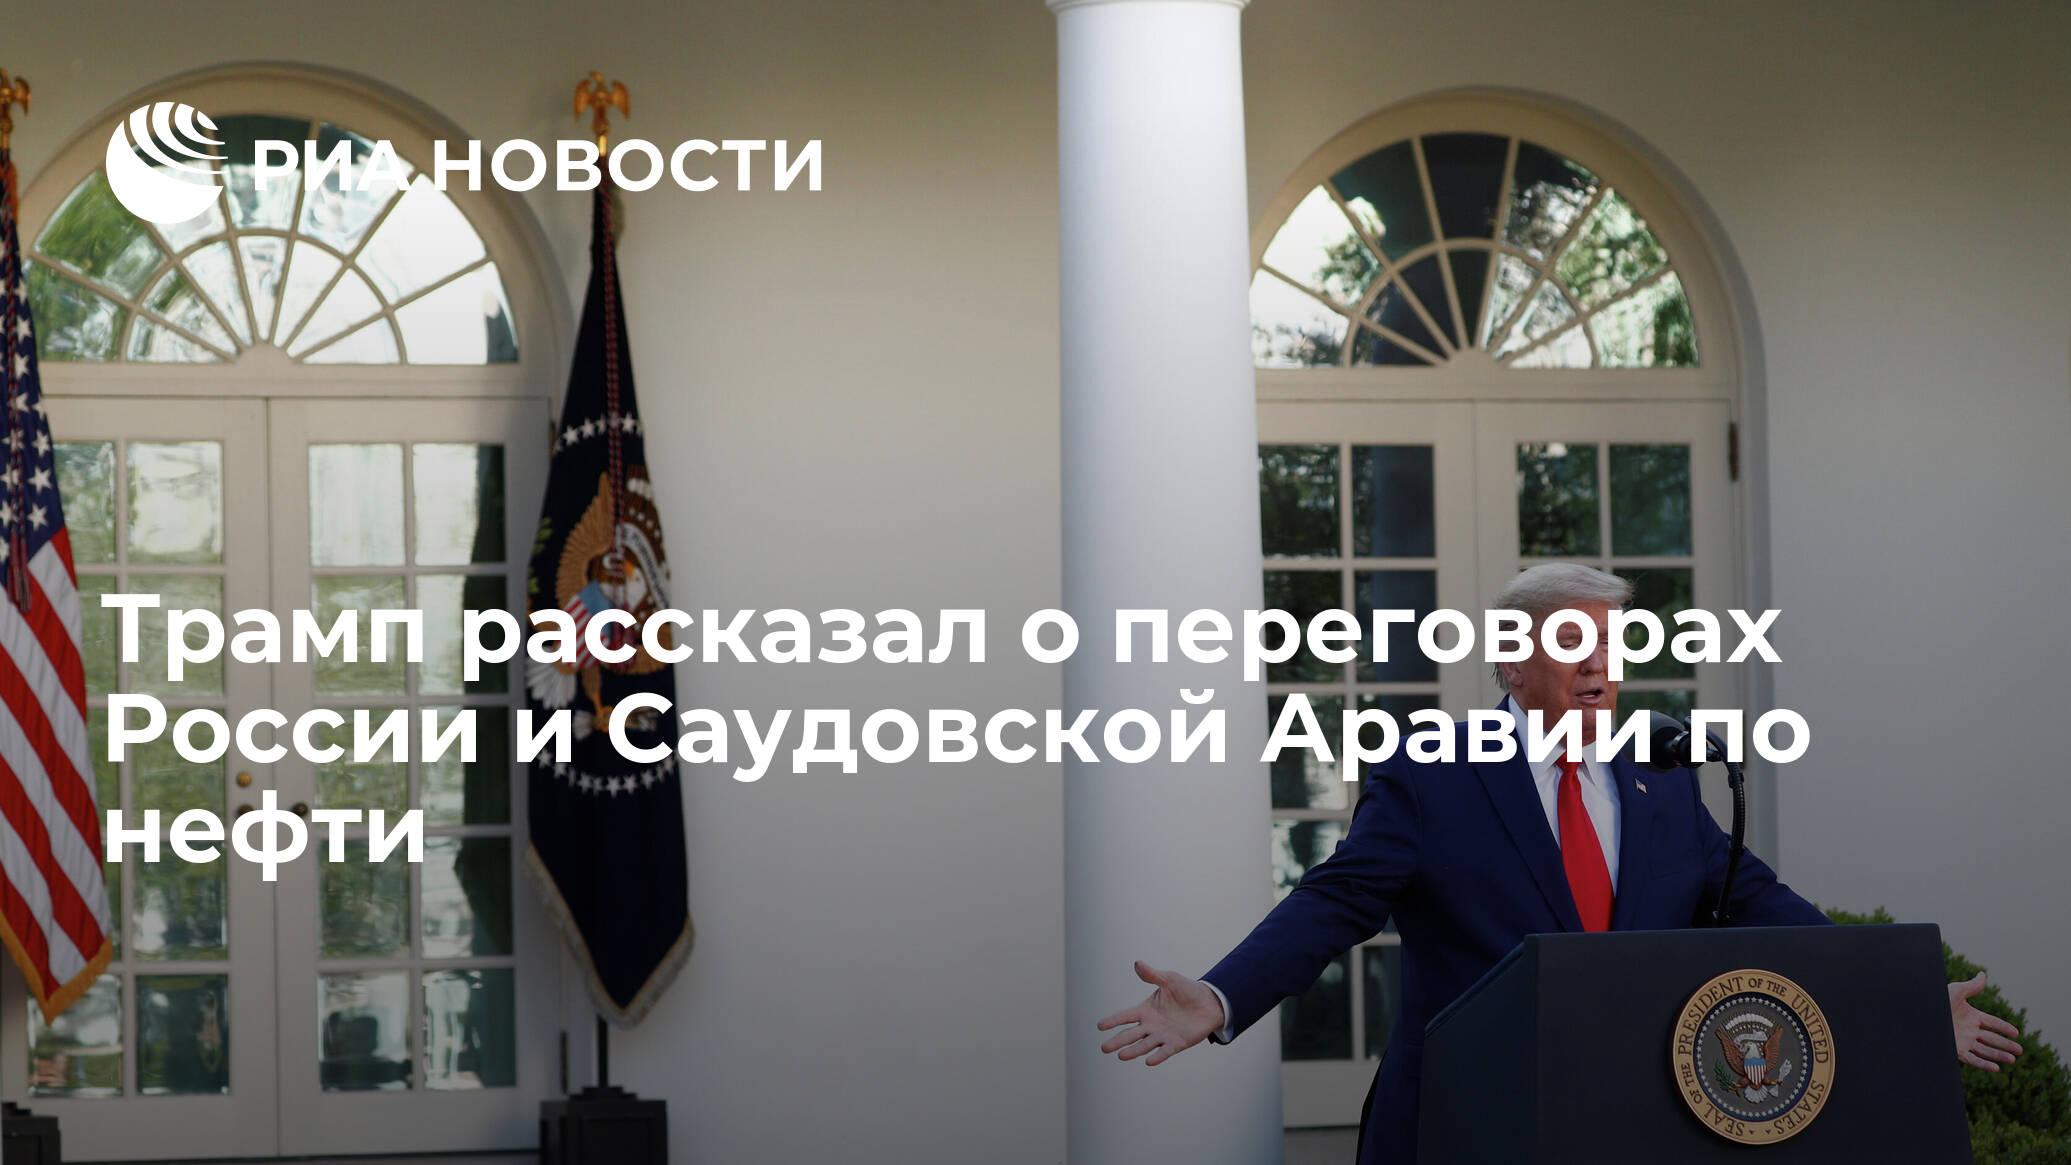 Трамп рассказал о переговорах России и Саудовской Аравии по нефти